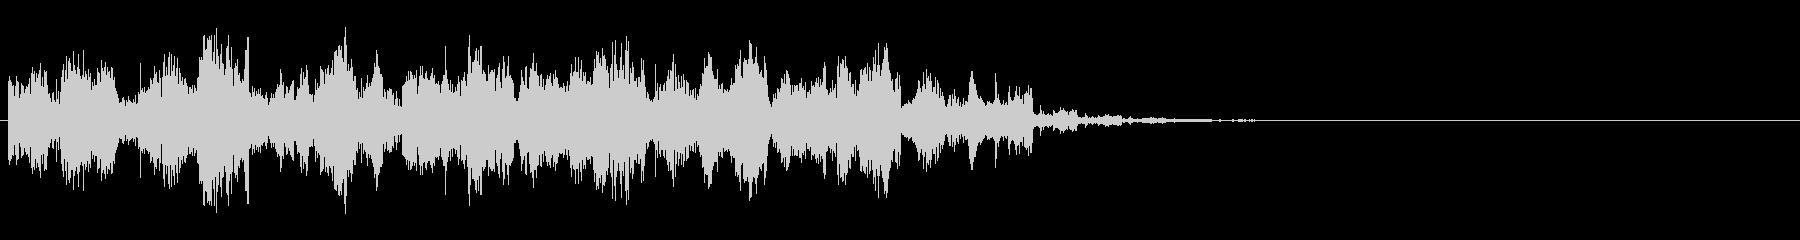 フワフワポントンピキン…(アイキャッチ)の未再生の波形